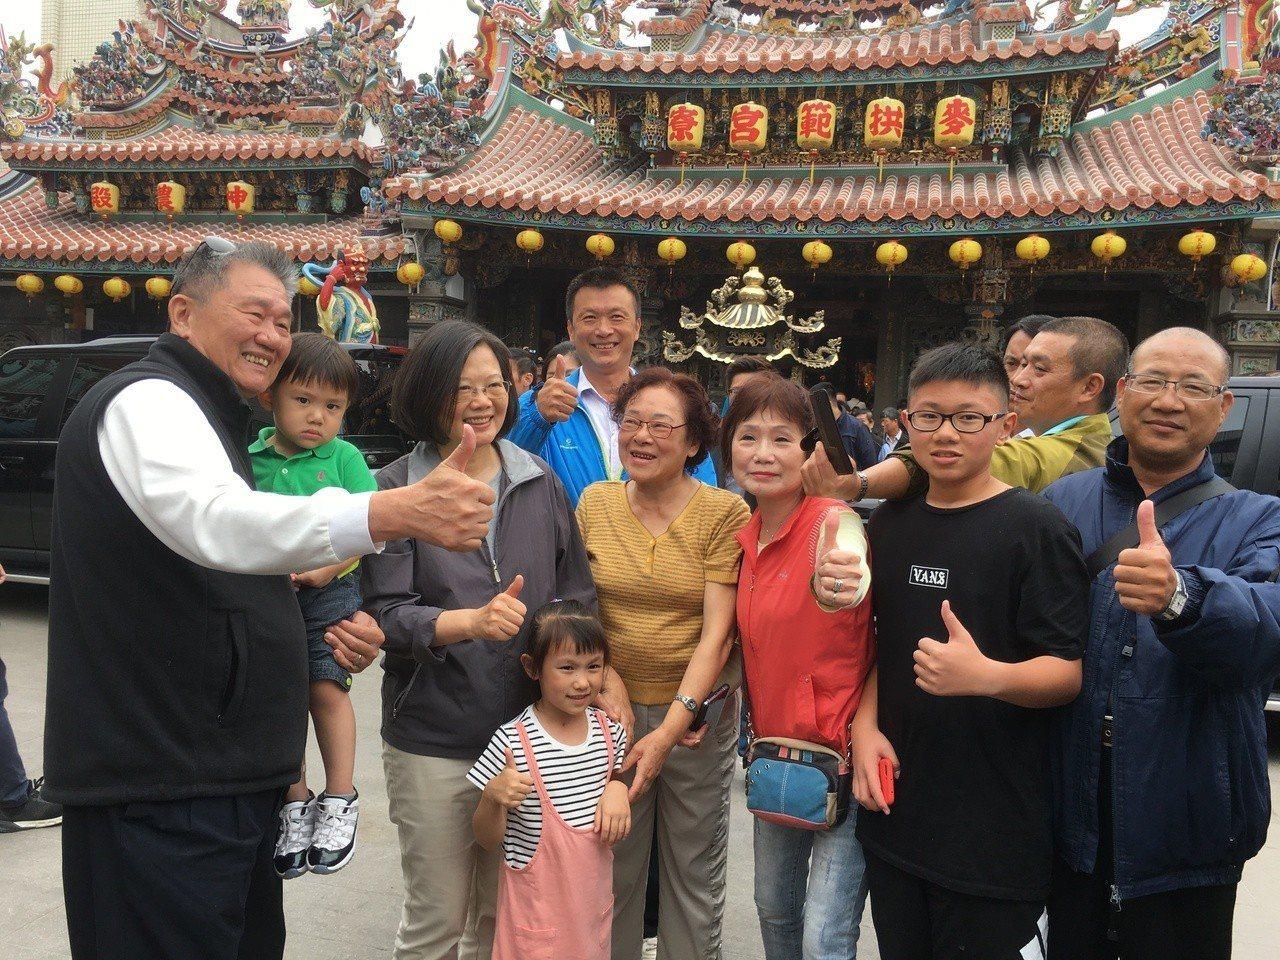 總統蔡英文(左三)昨走訪雲林多處,強調台灣本就是主權獨立的國家。記者陳雅玲/攝影